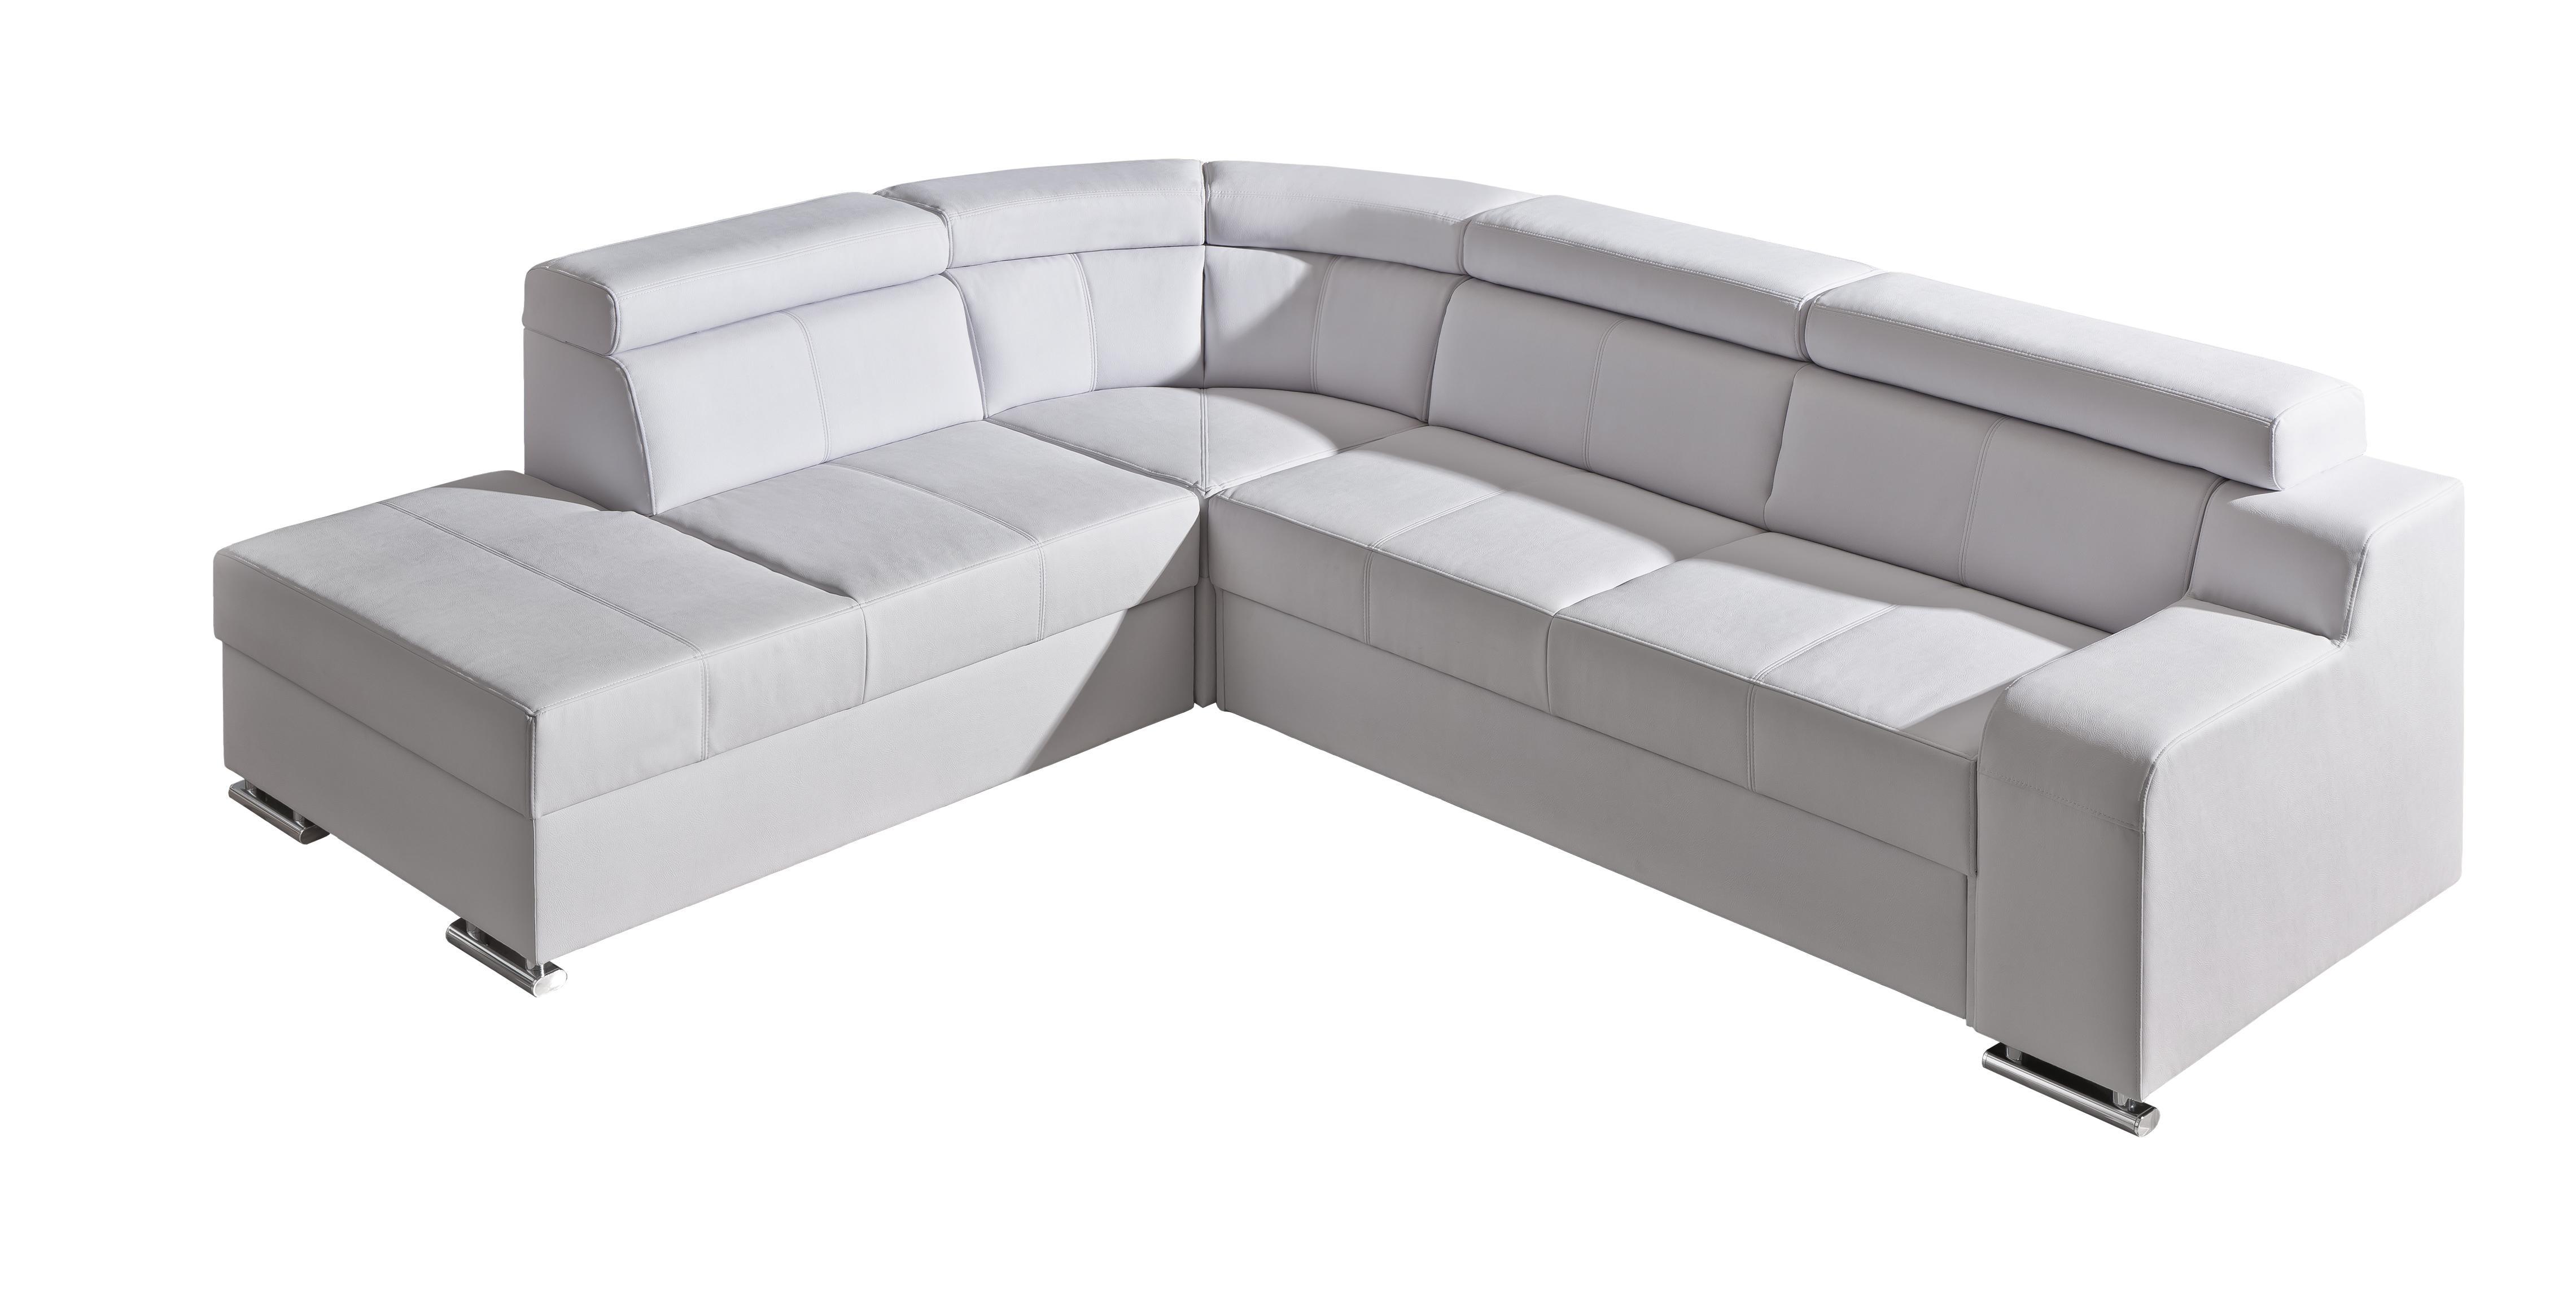 Rohová sedací souprava - Orin 2 (bílá) (L)